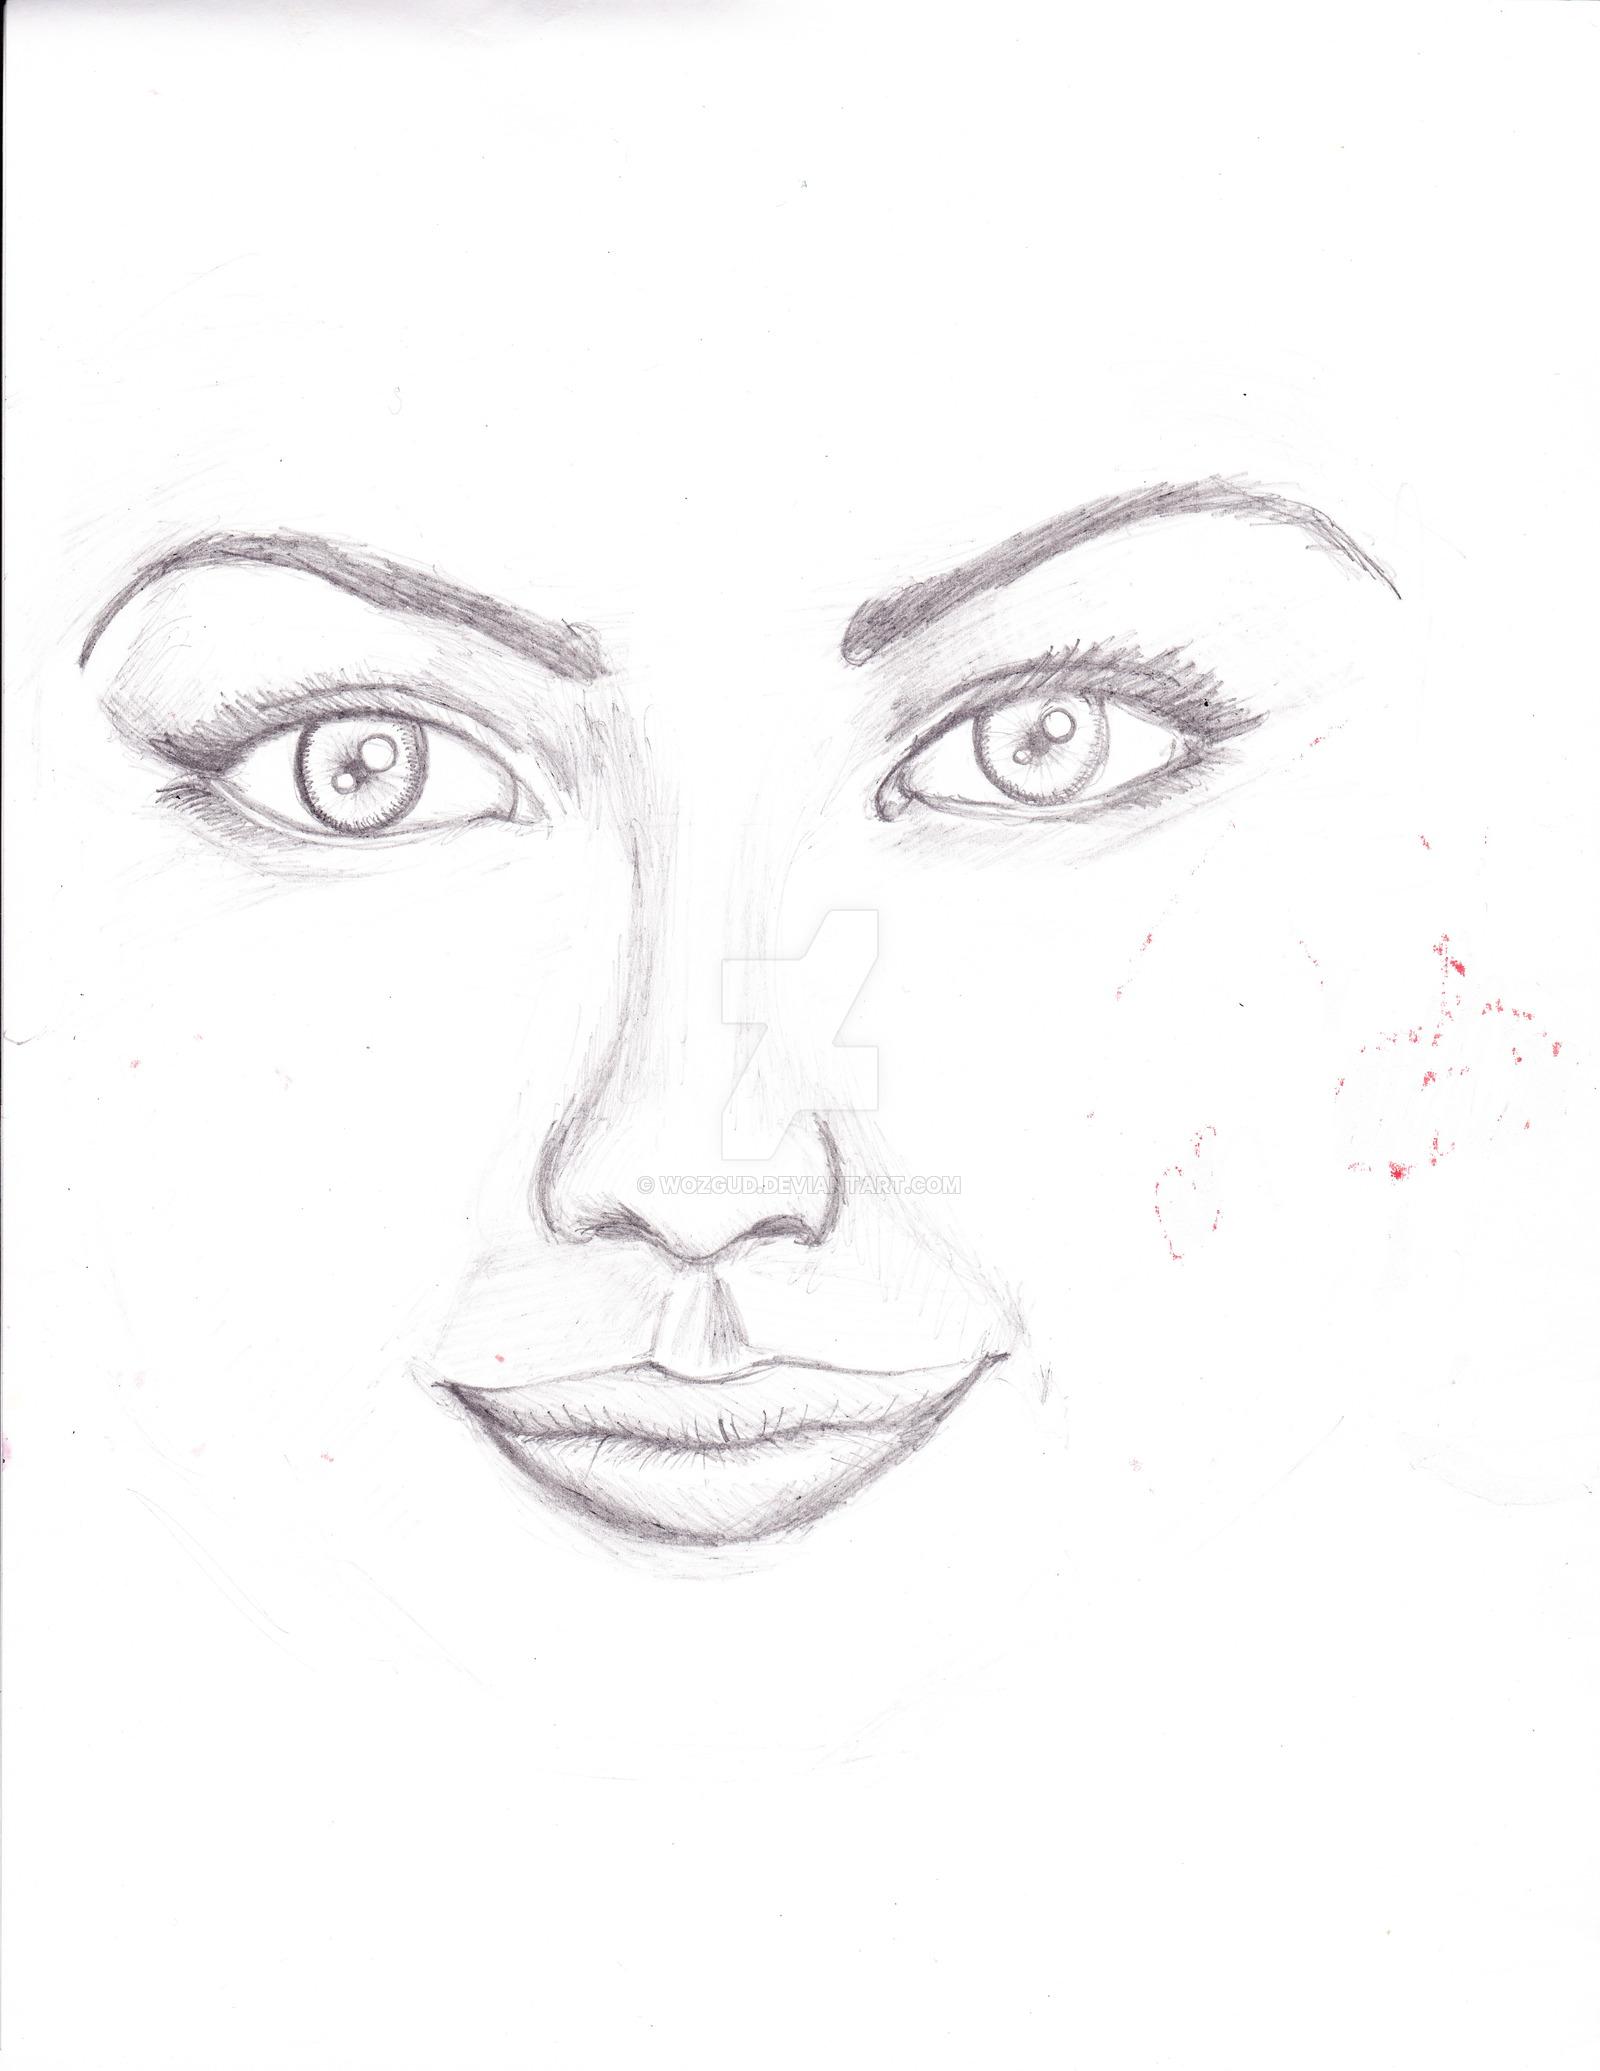 1600x2071 Yogurl (Pencil) By Wozgud